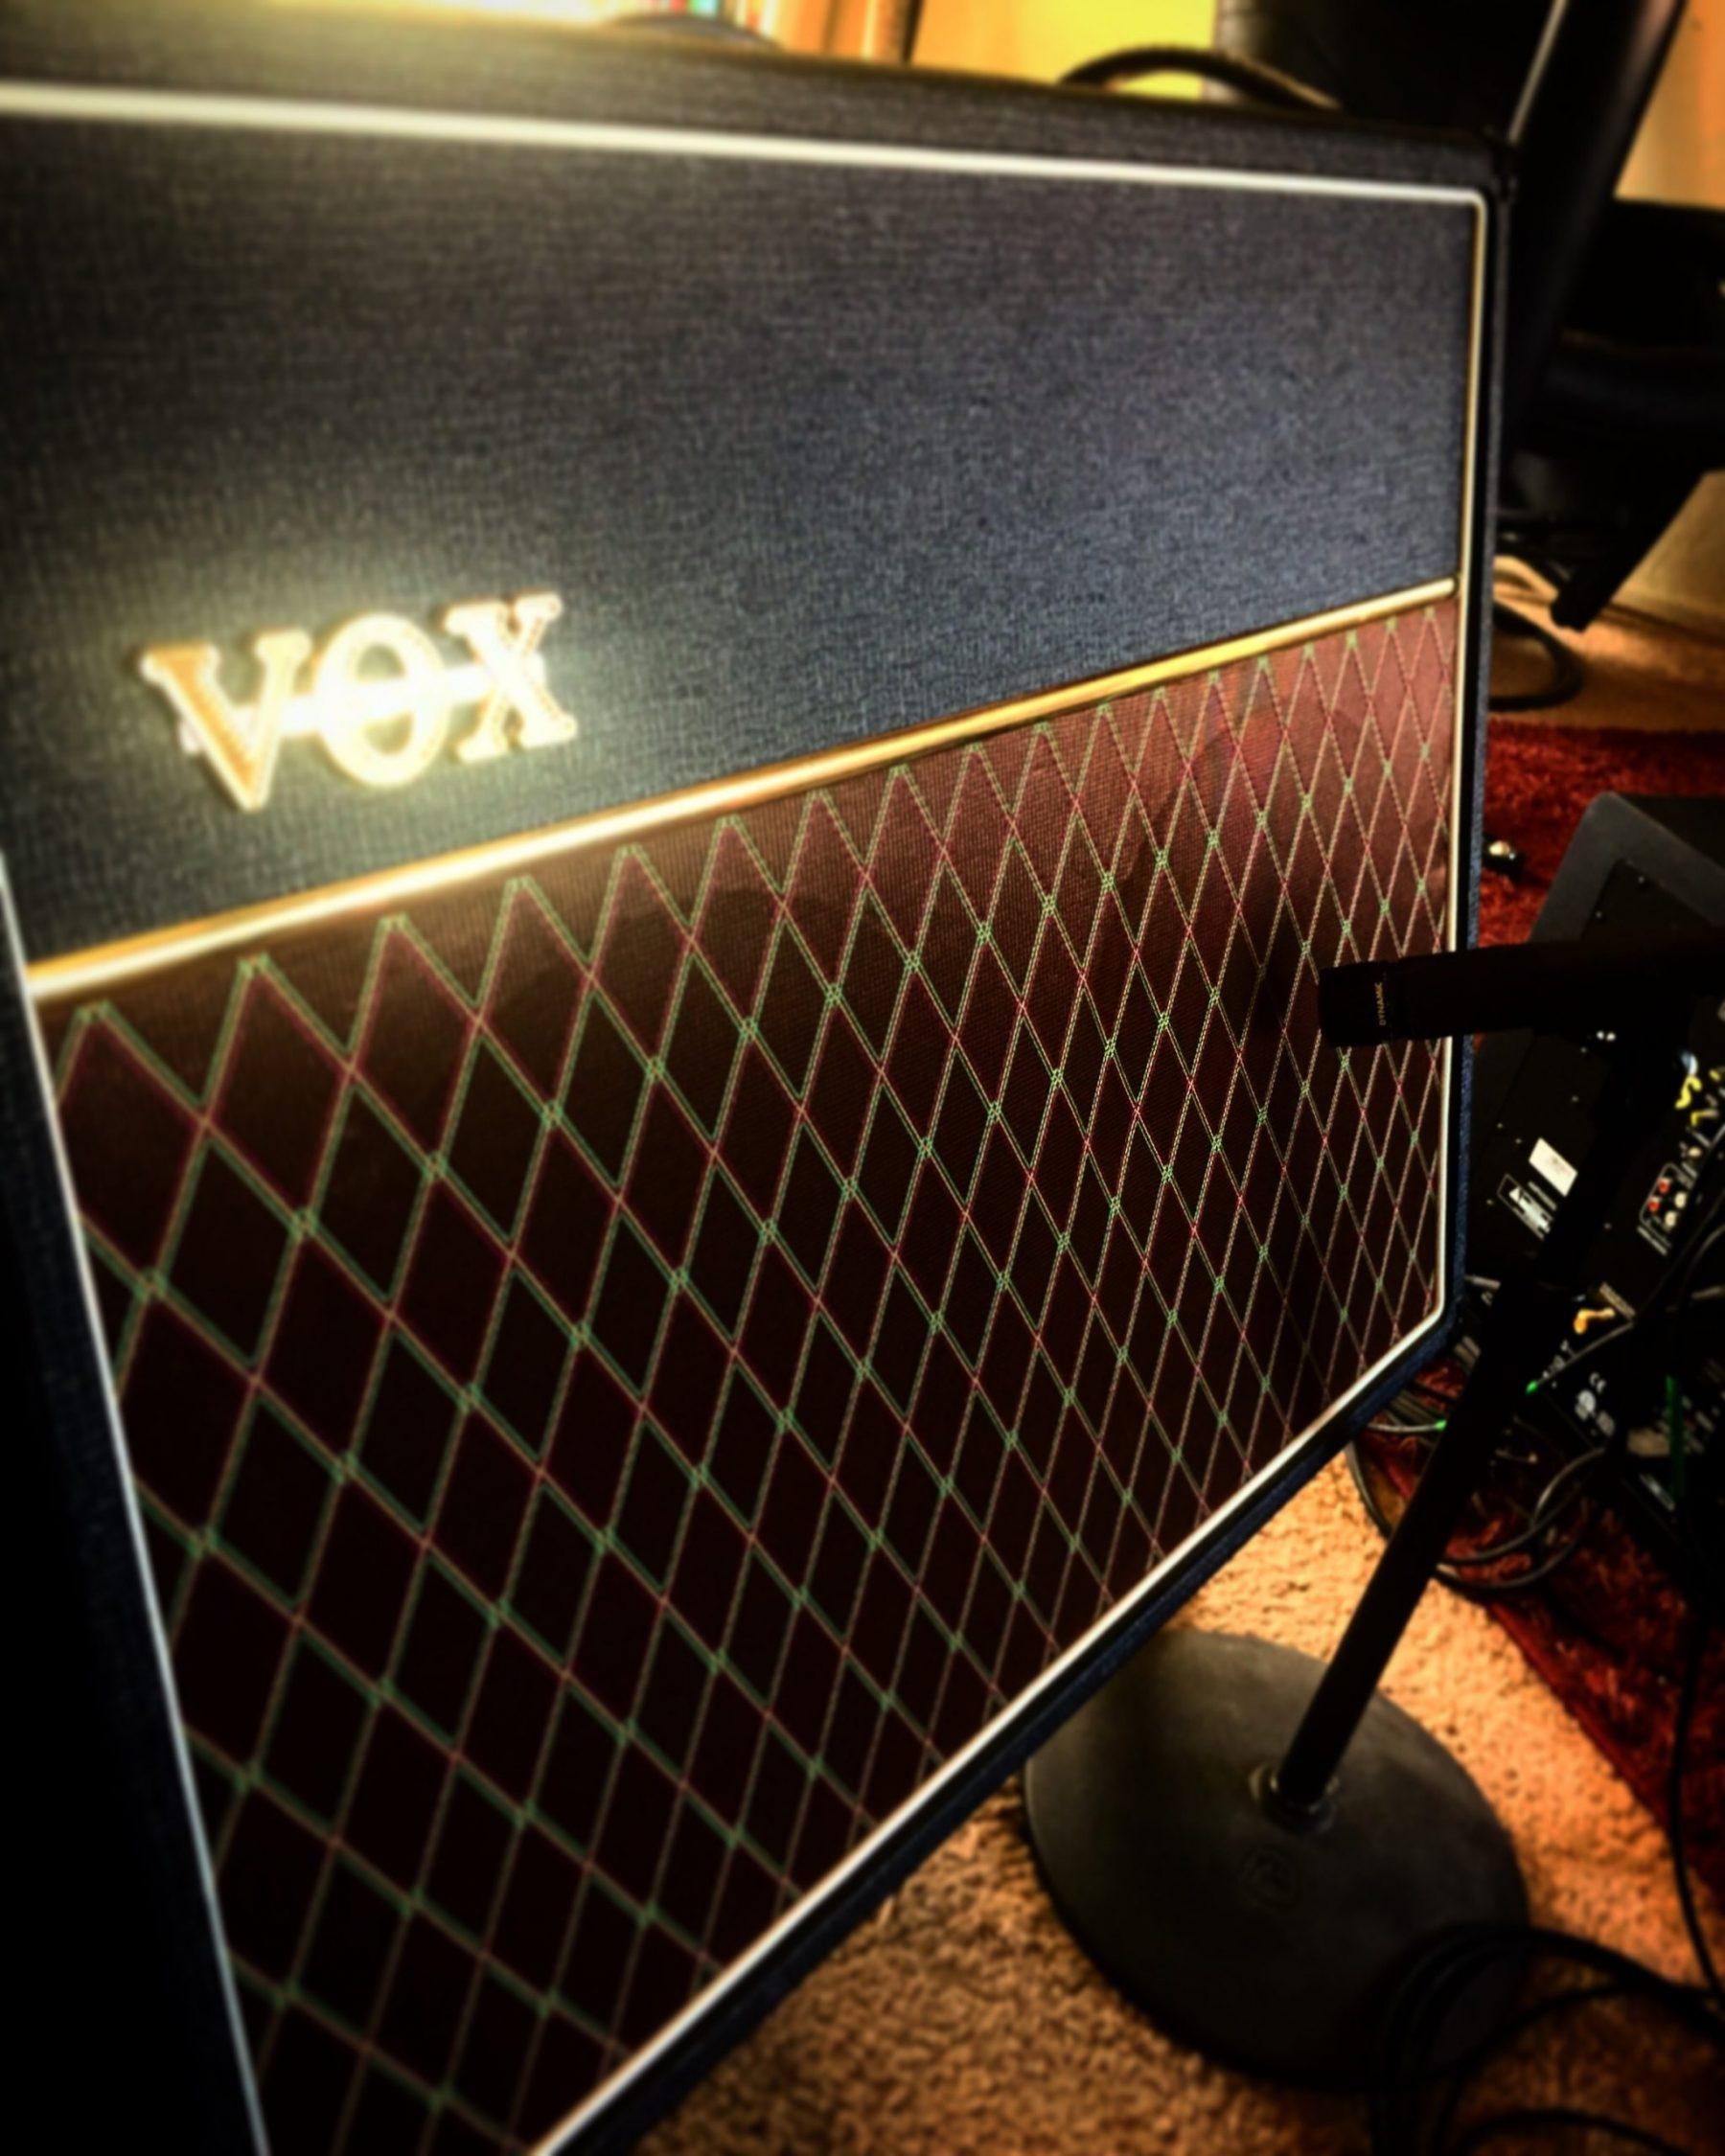 Vox AC30 Amplifier At TwoCat Studios In Tucson